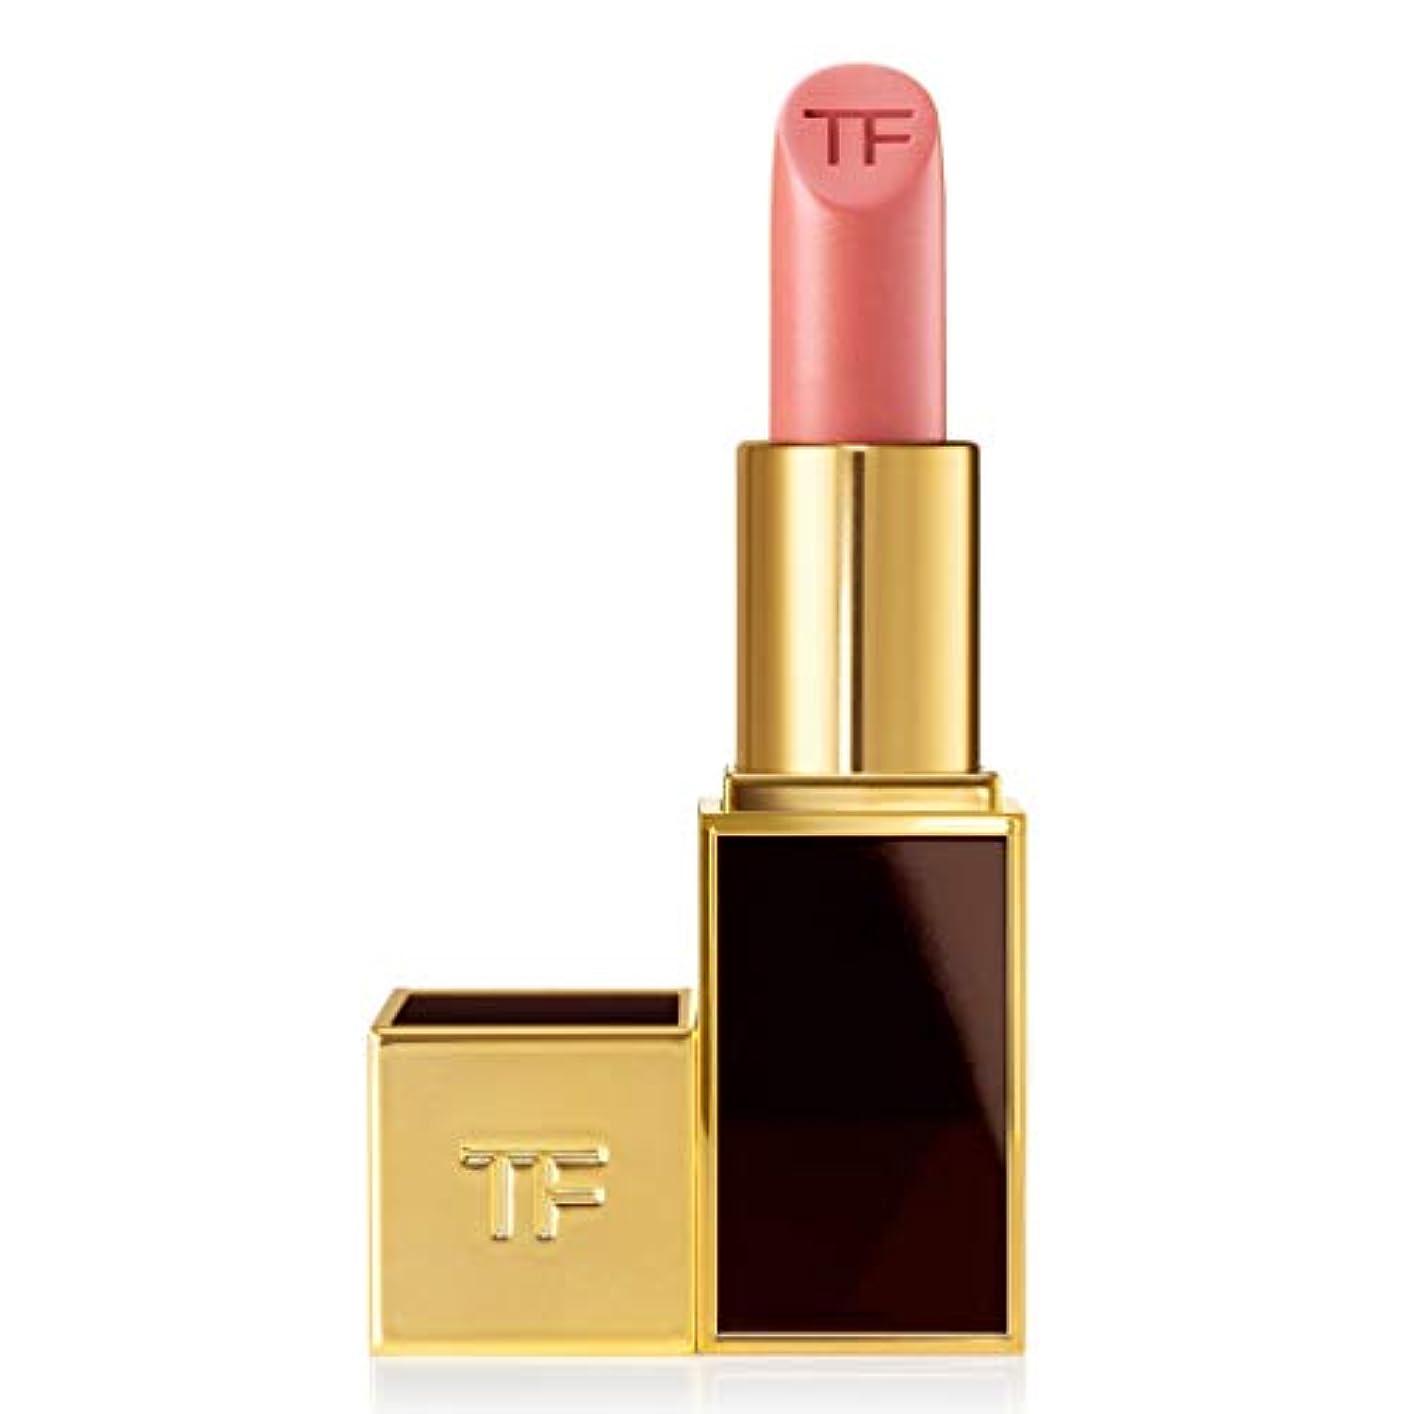 自分自身圧縮である【トムフォード】リップ カラー #22 フォビドゥン ピンク 3g [並行輸入品]